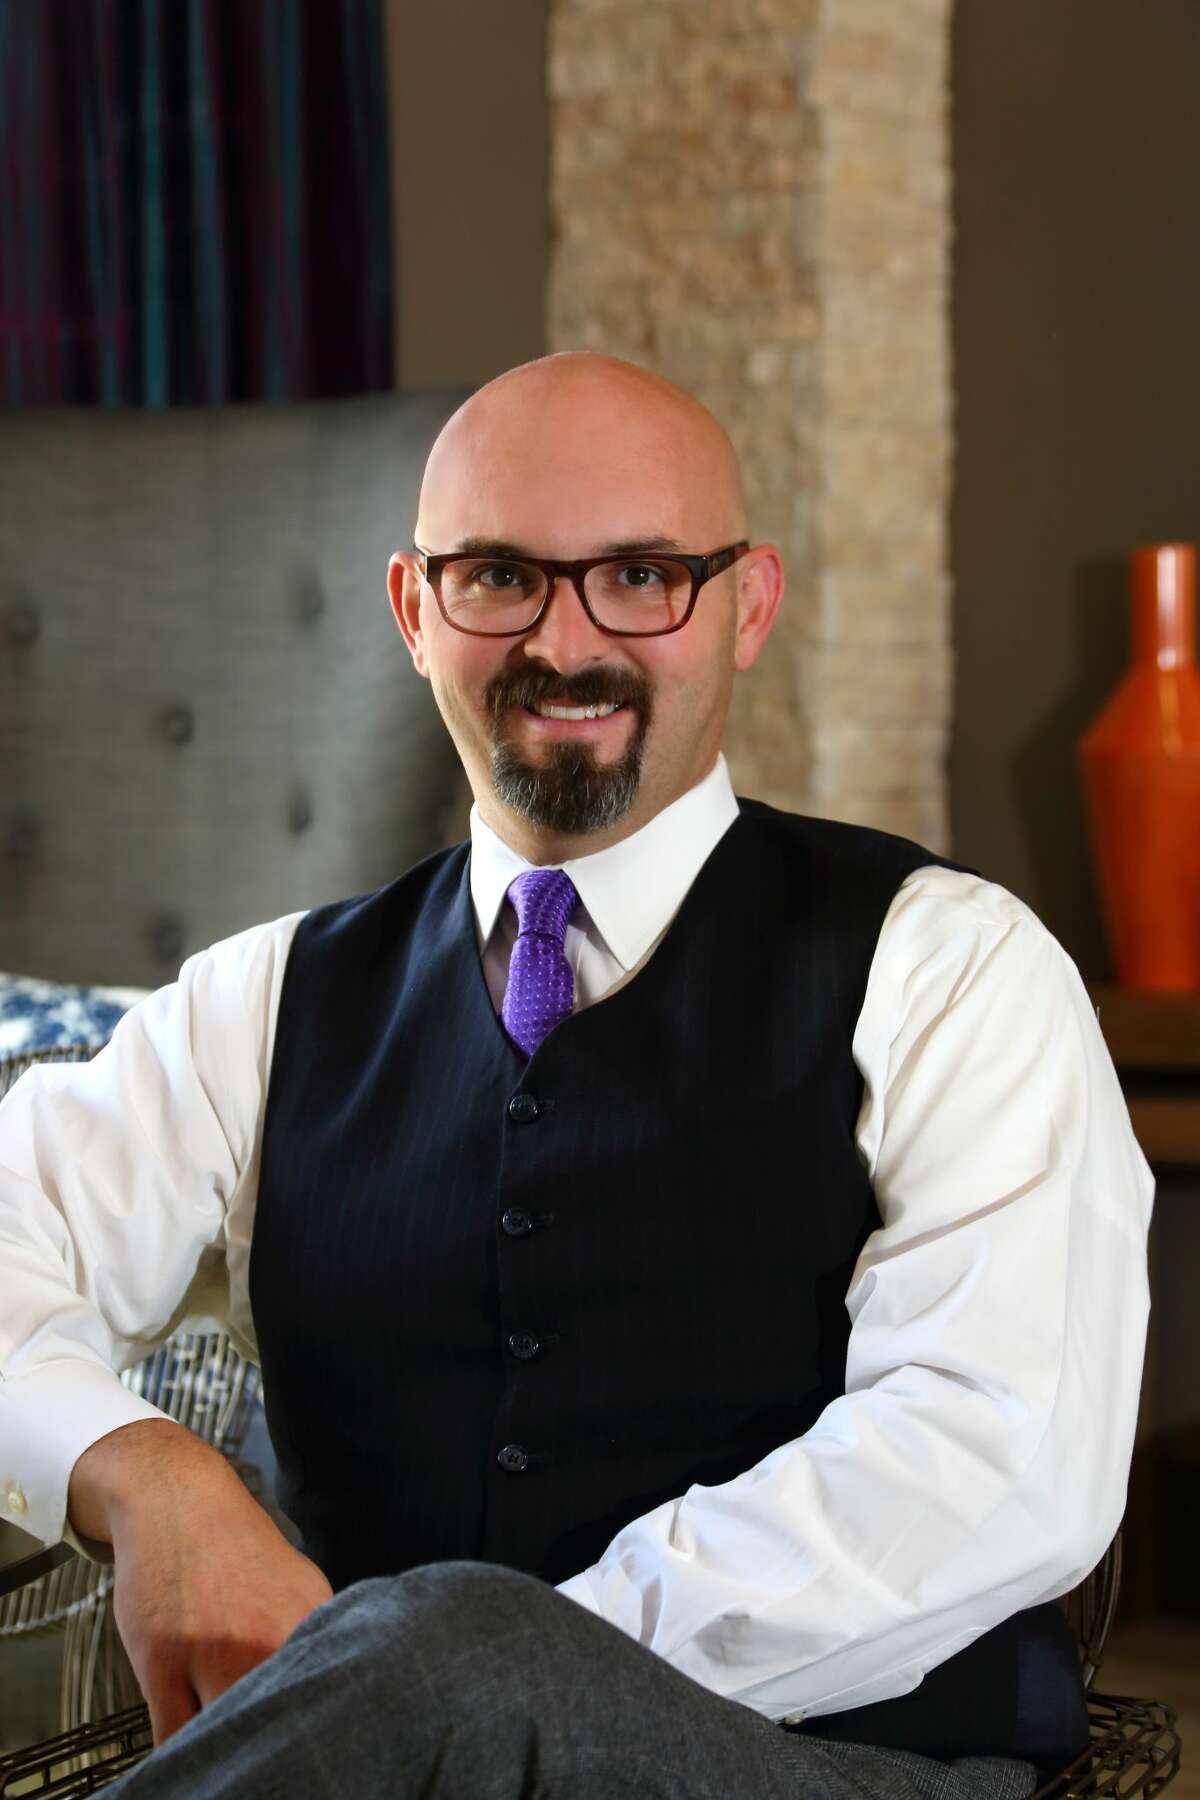 John Trischitti III,District 5 candidate